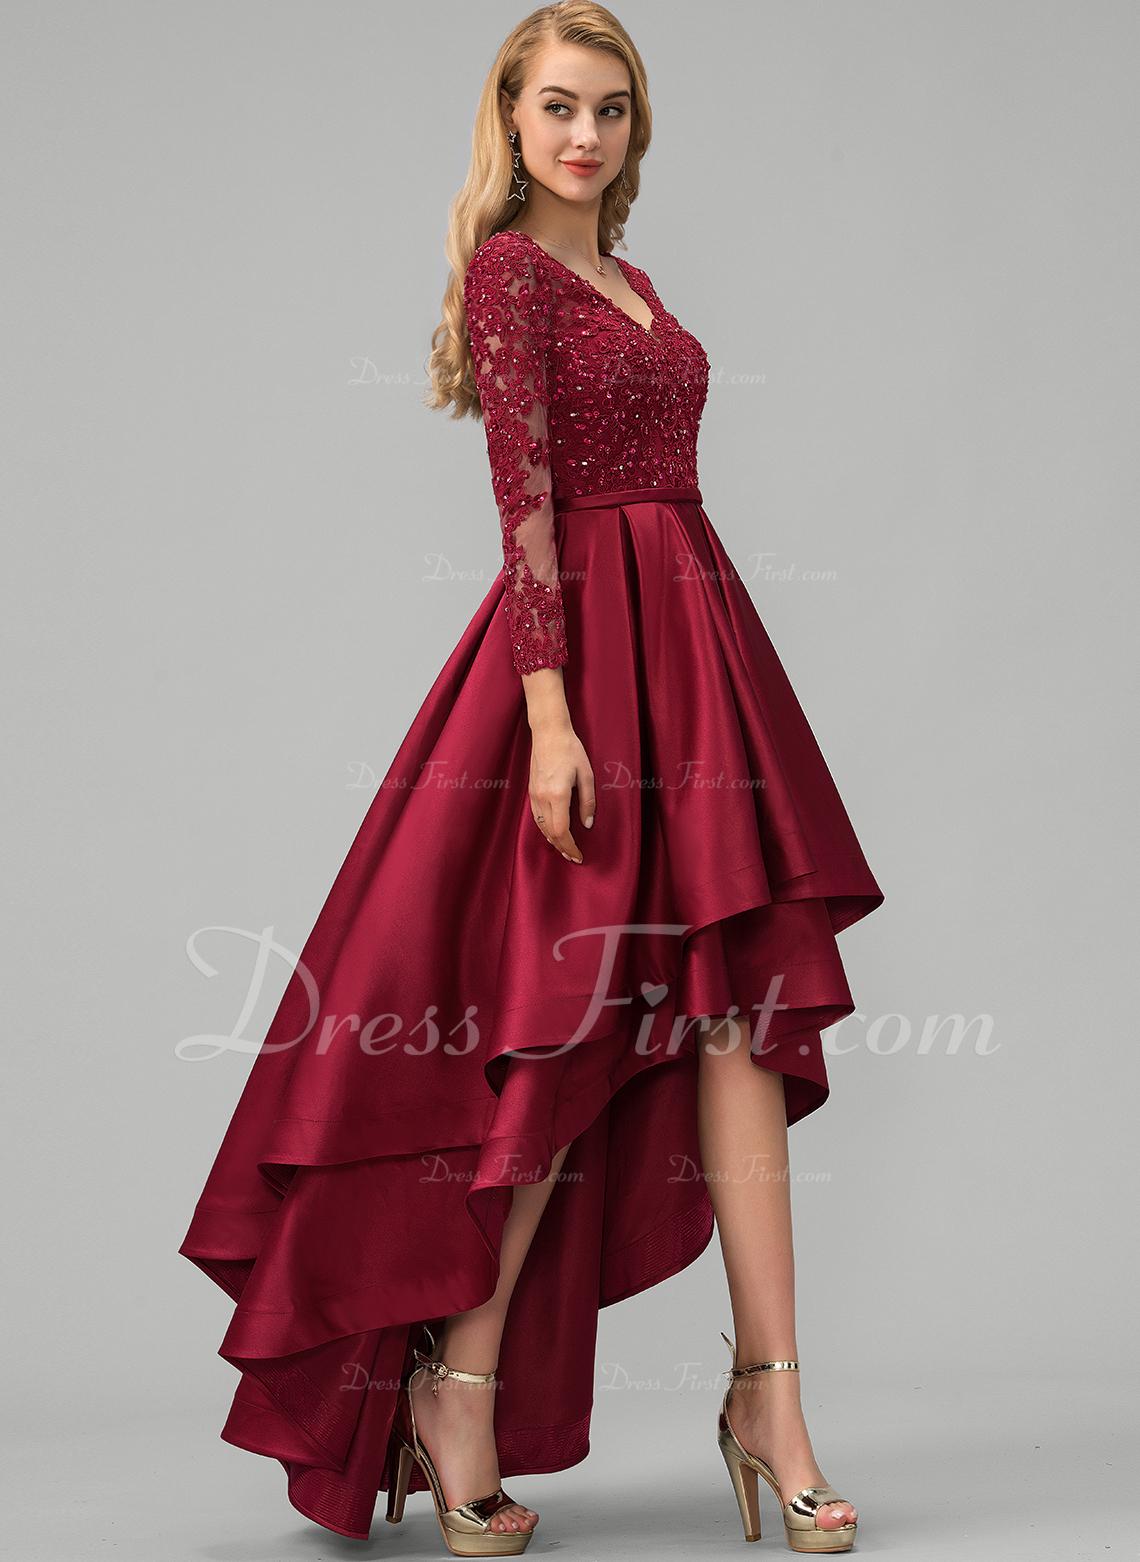 Платье для Балла/Принцесса V-образный асимметричный Атлас Платье Для Выпускного Вечера с Кружева развальцовка блестки